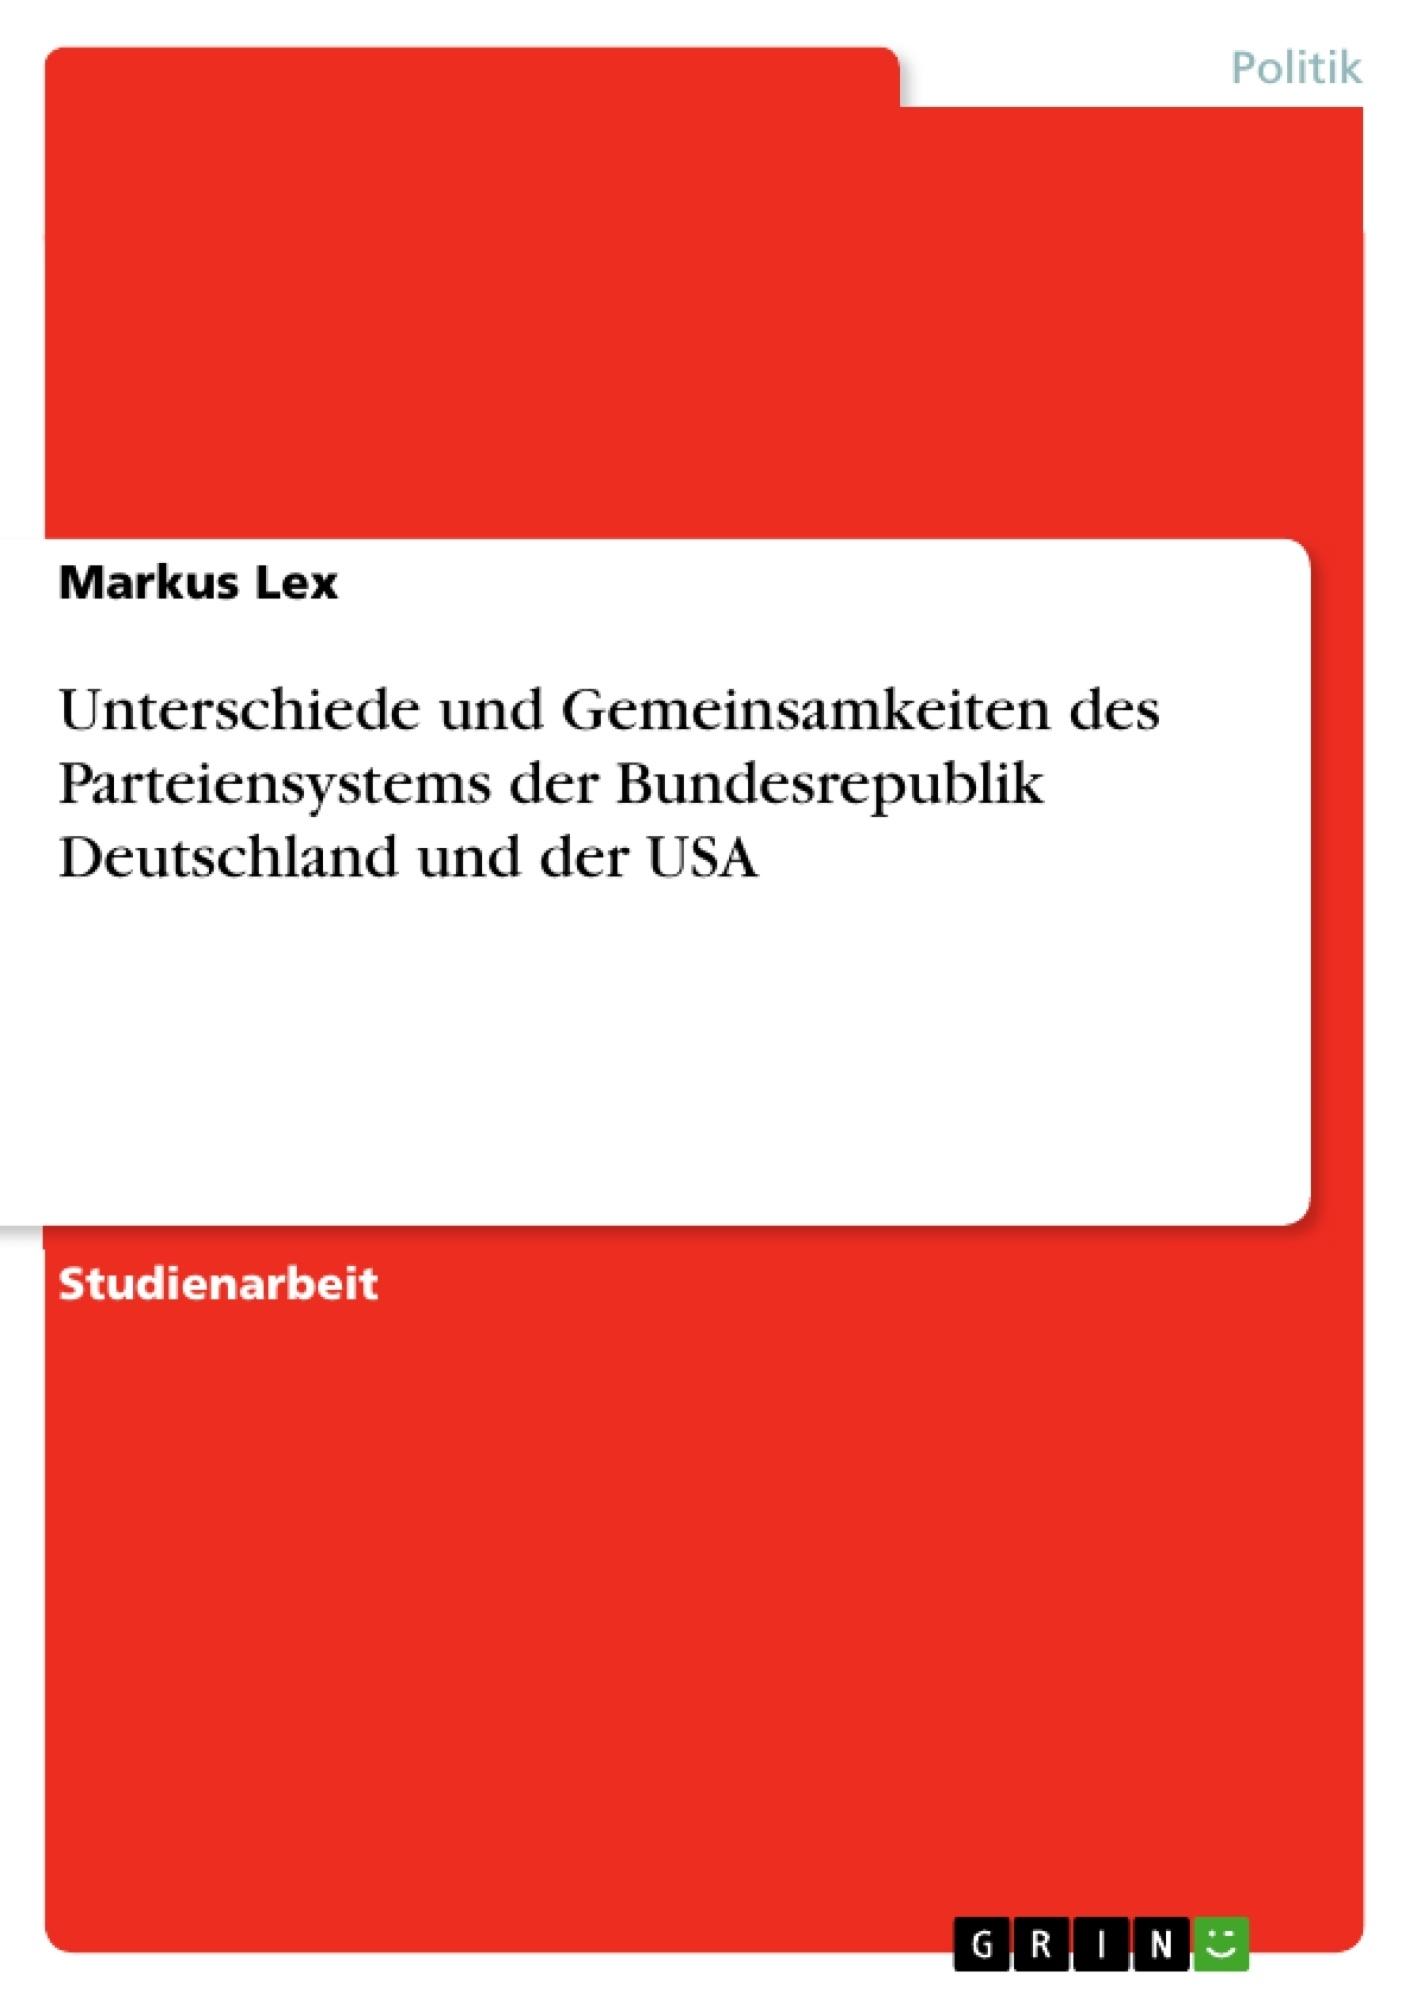 Titel: Unterschiede und Gemeinsamkeiten des Parteiensystems der Bundesrepublik Deutschland und der USA